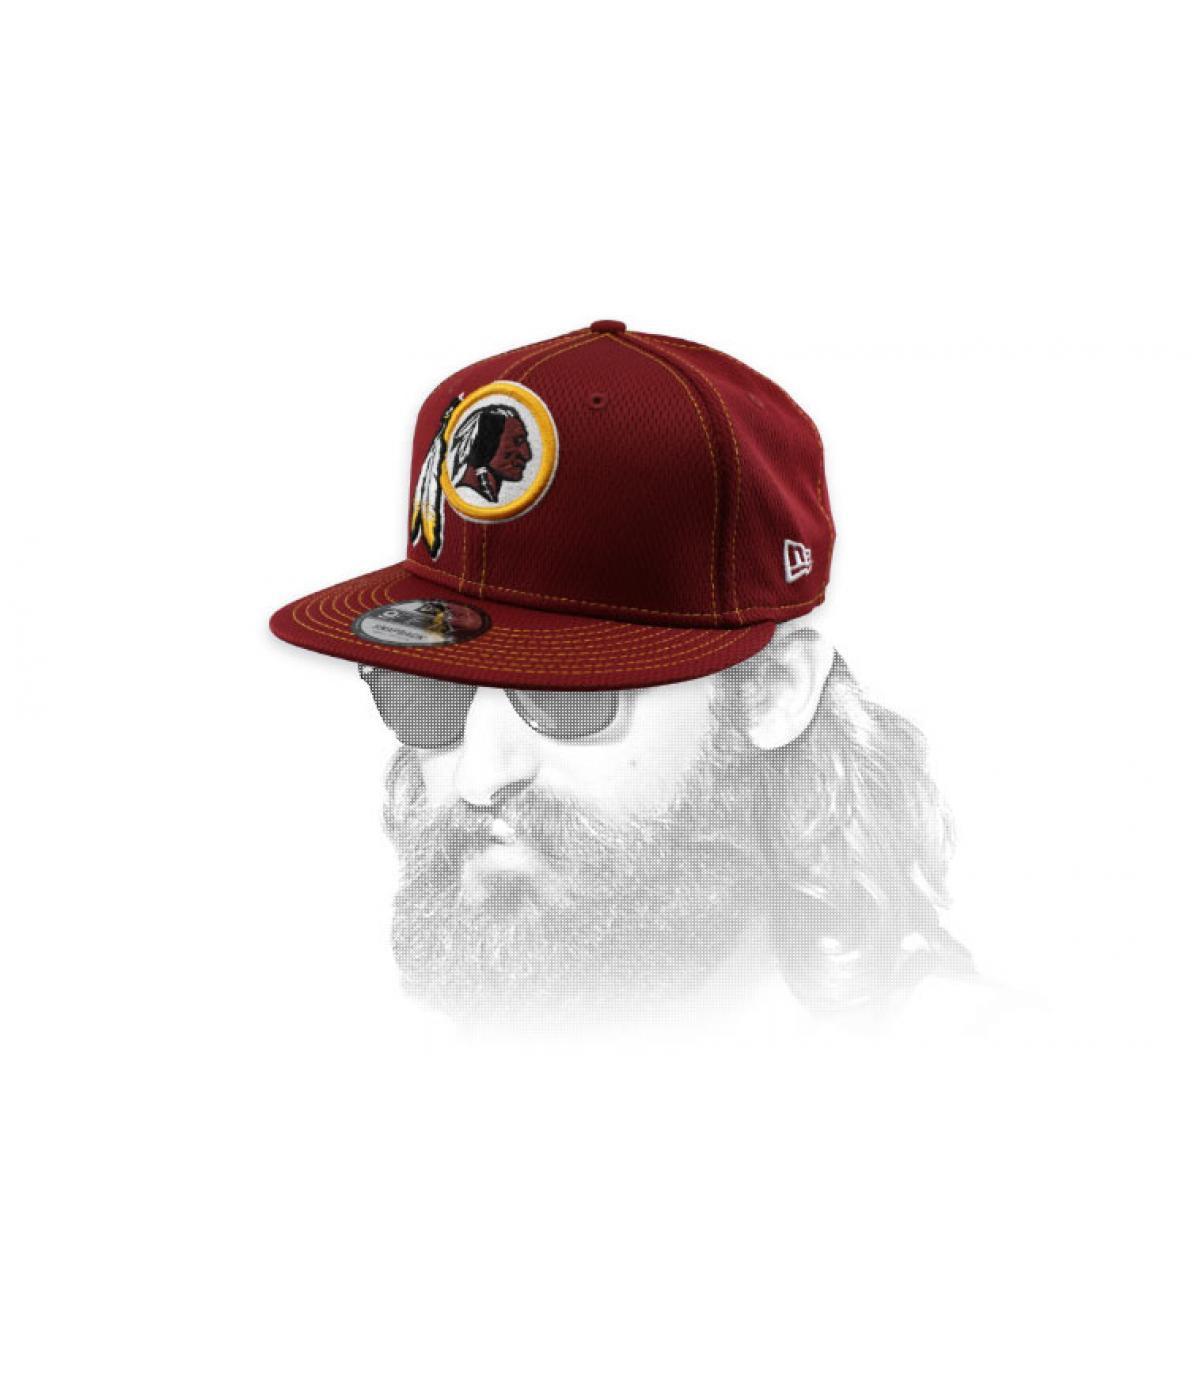 casquette Redskins bordeaux